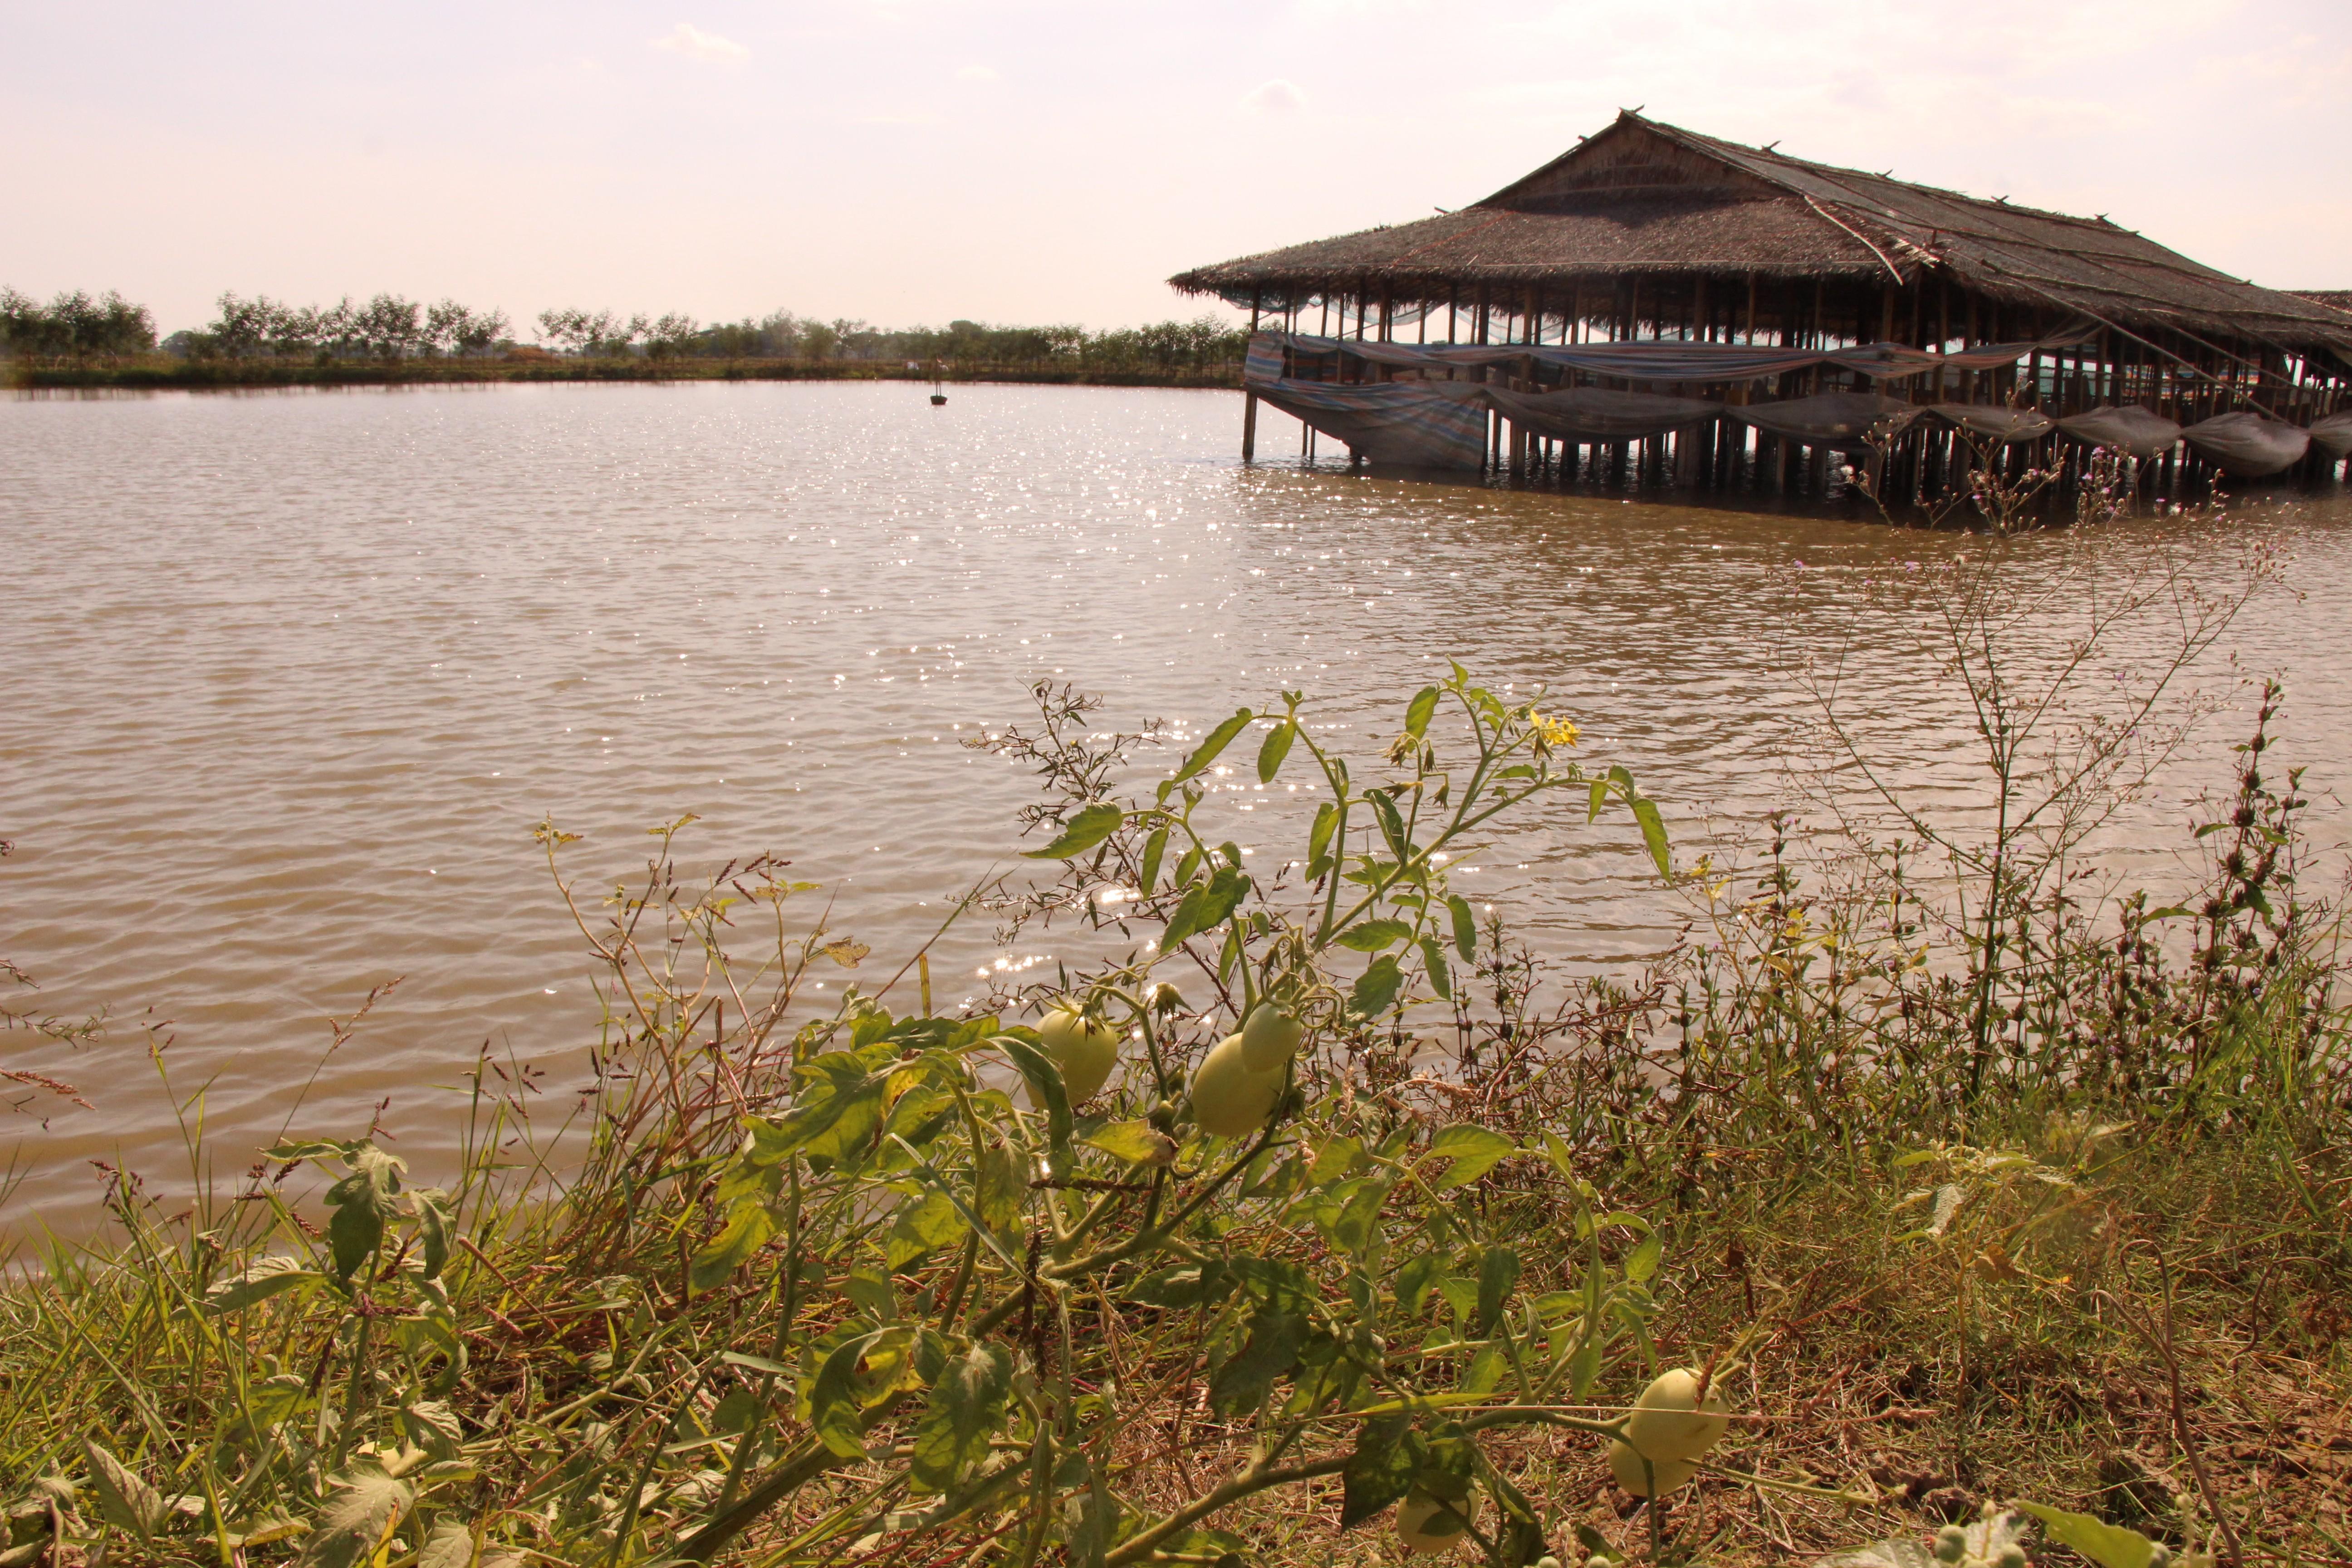 အရပူရမြို့နယ်အတွင်းရှိ စပါးကွင်းများ၌ စပါးစိုက်ခြင်းနှင့်အတူ ငါးမွေးနိုင်ရန် ကူညီပေးမည်